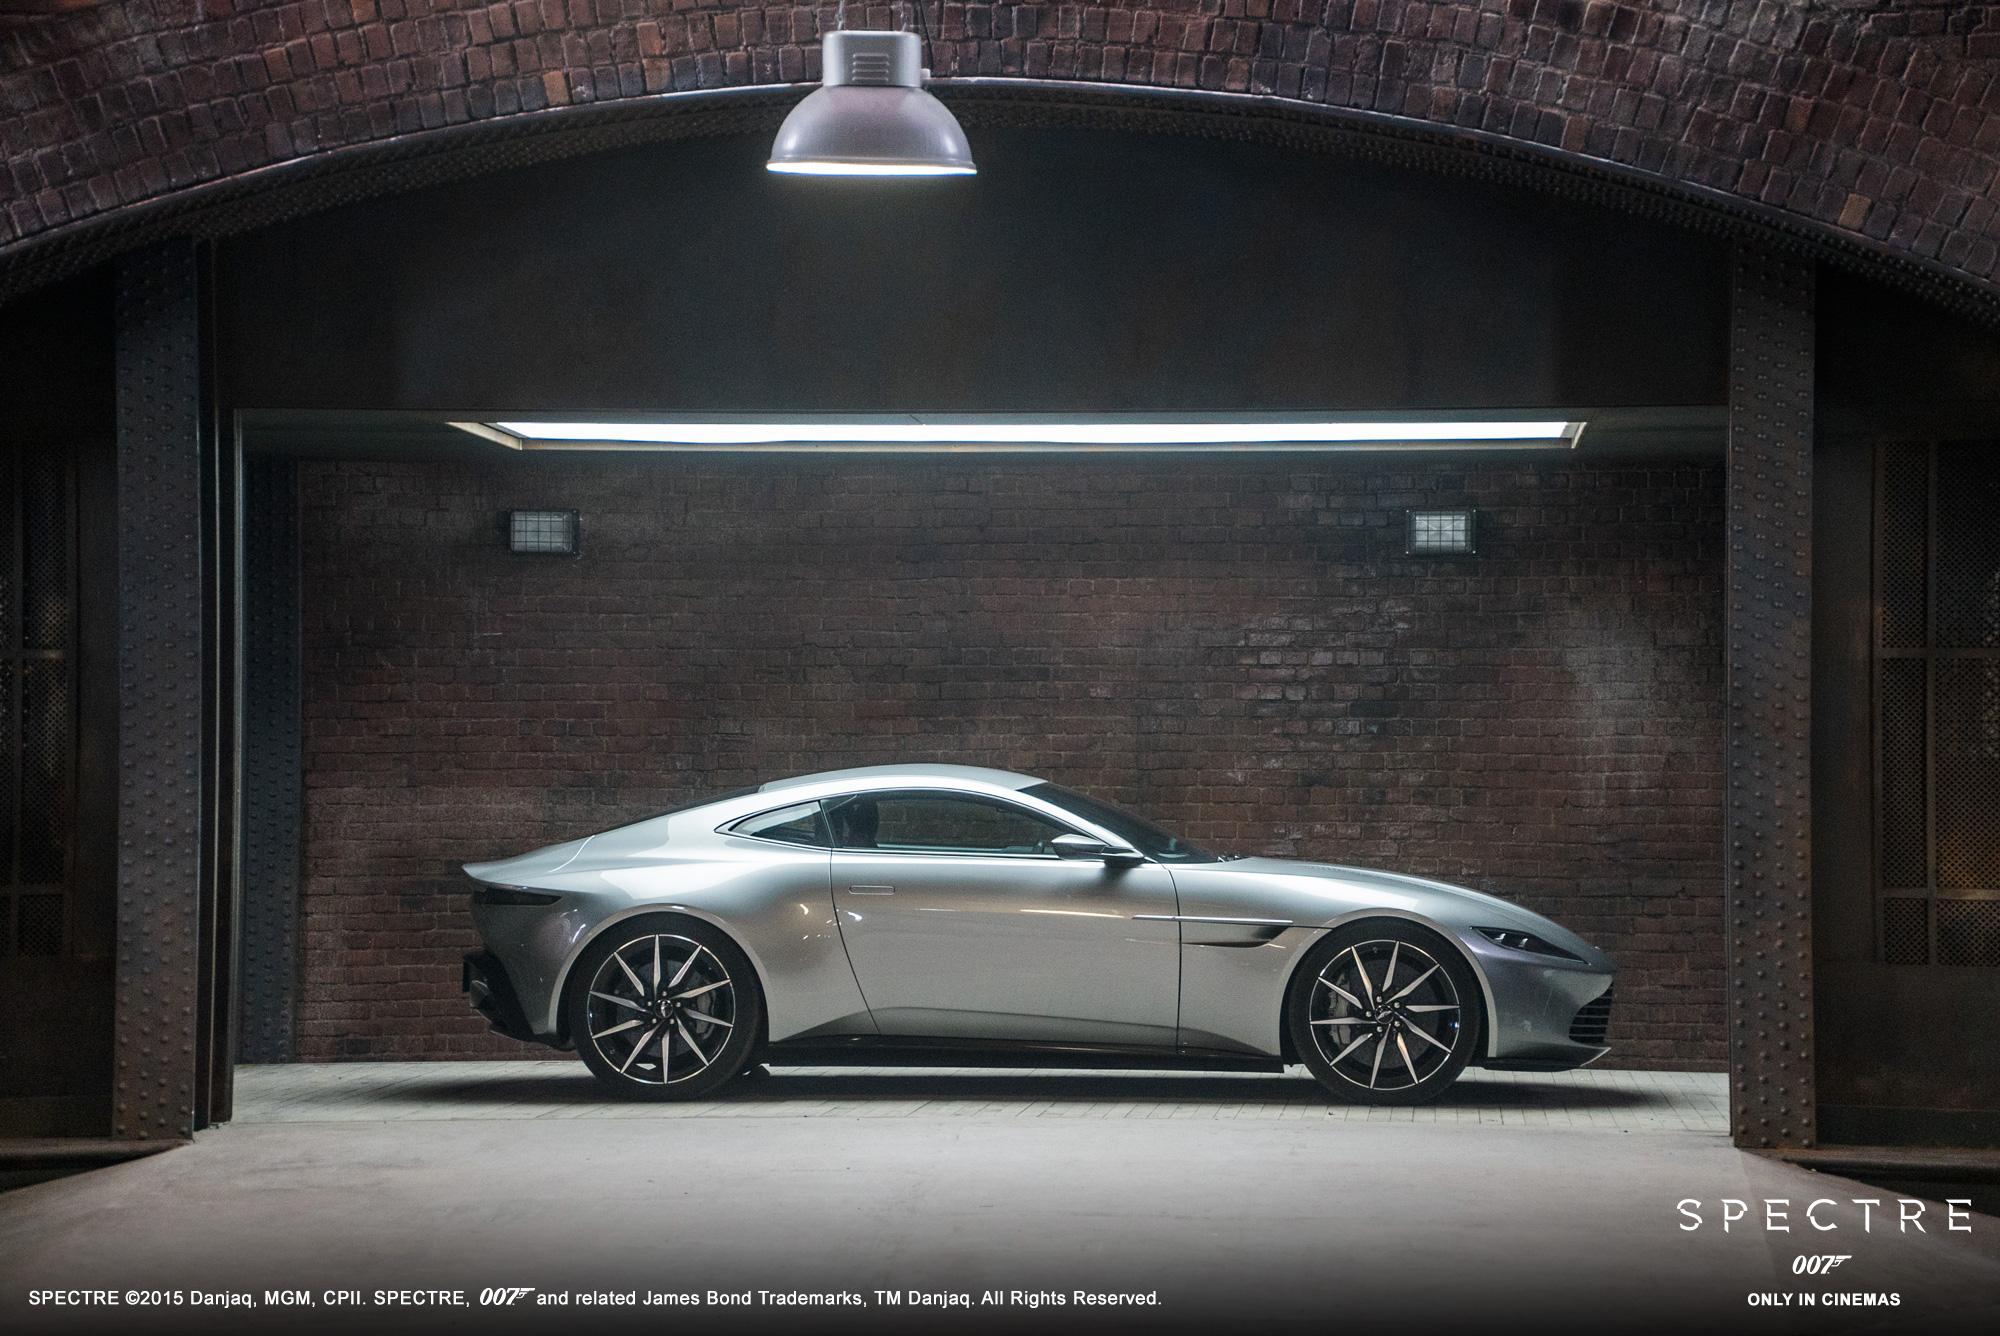 Aston Martin Db10 Built For Bond Spectre